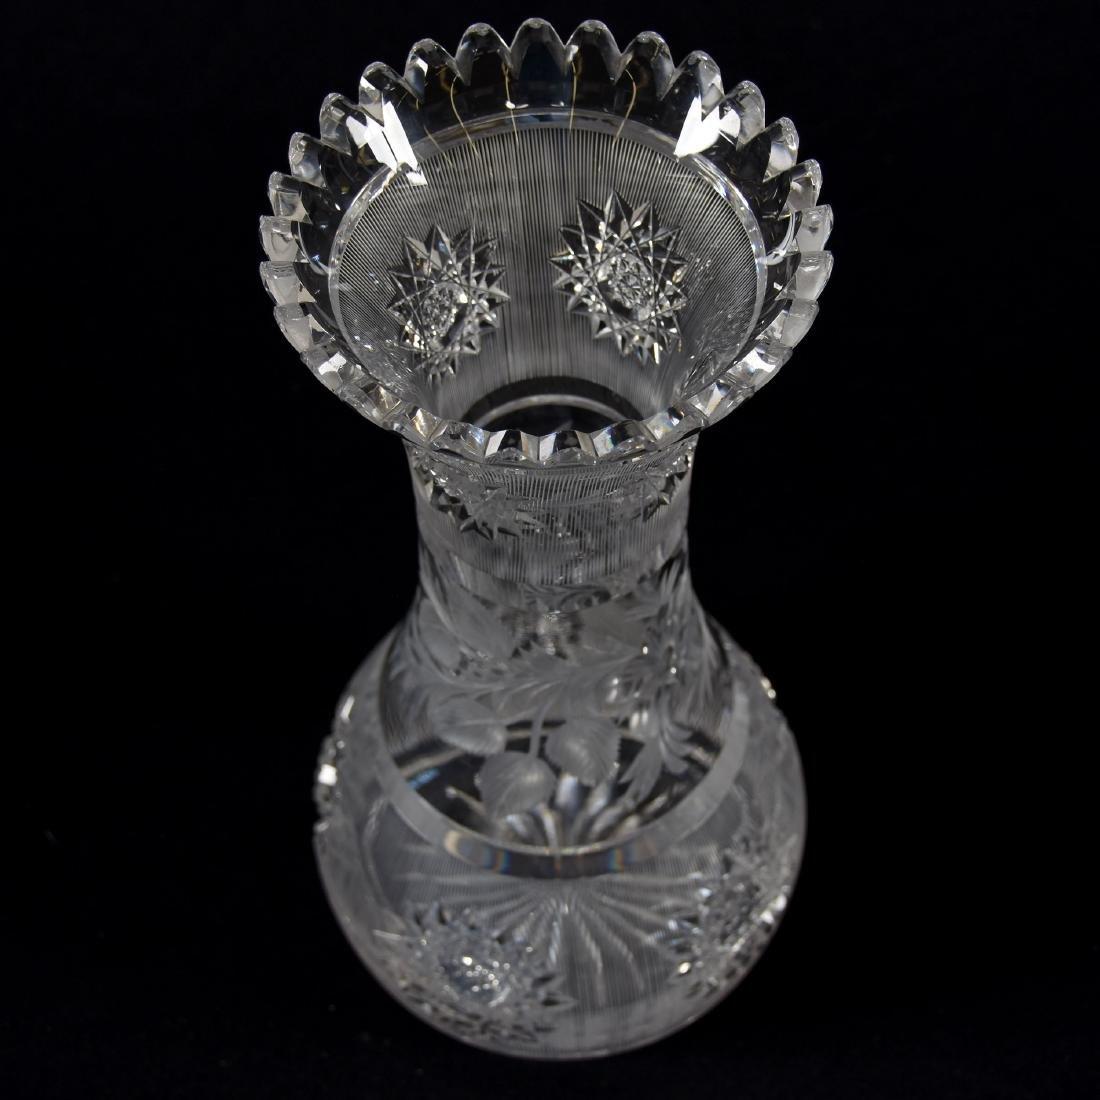 Vase, Engraved Floral Center Band - 3